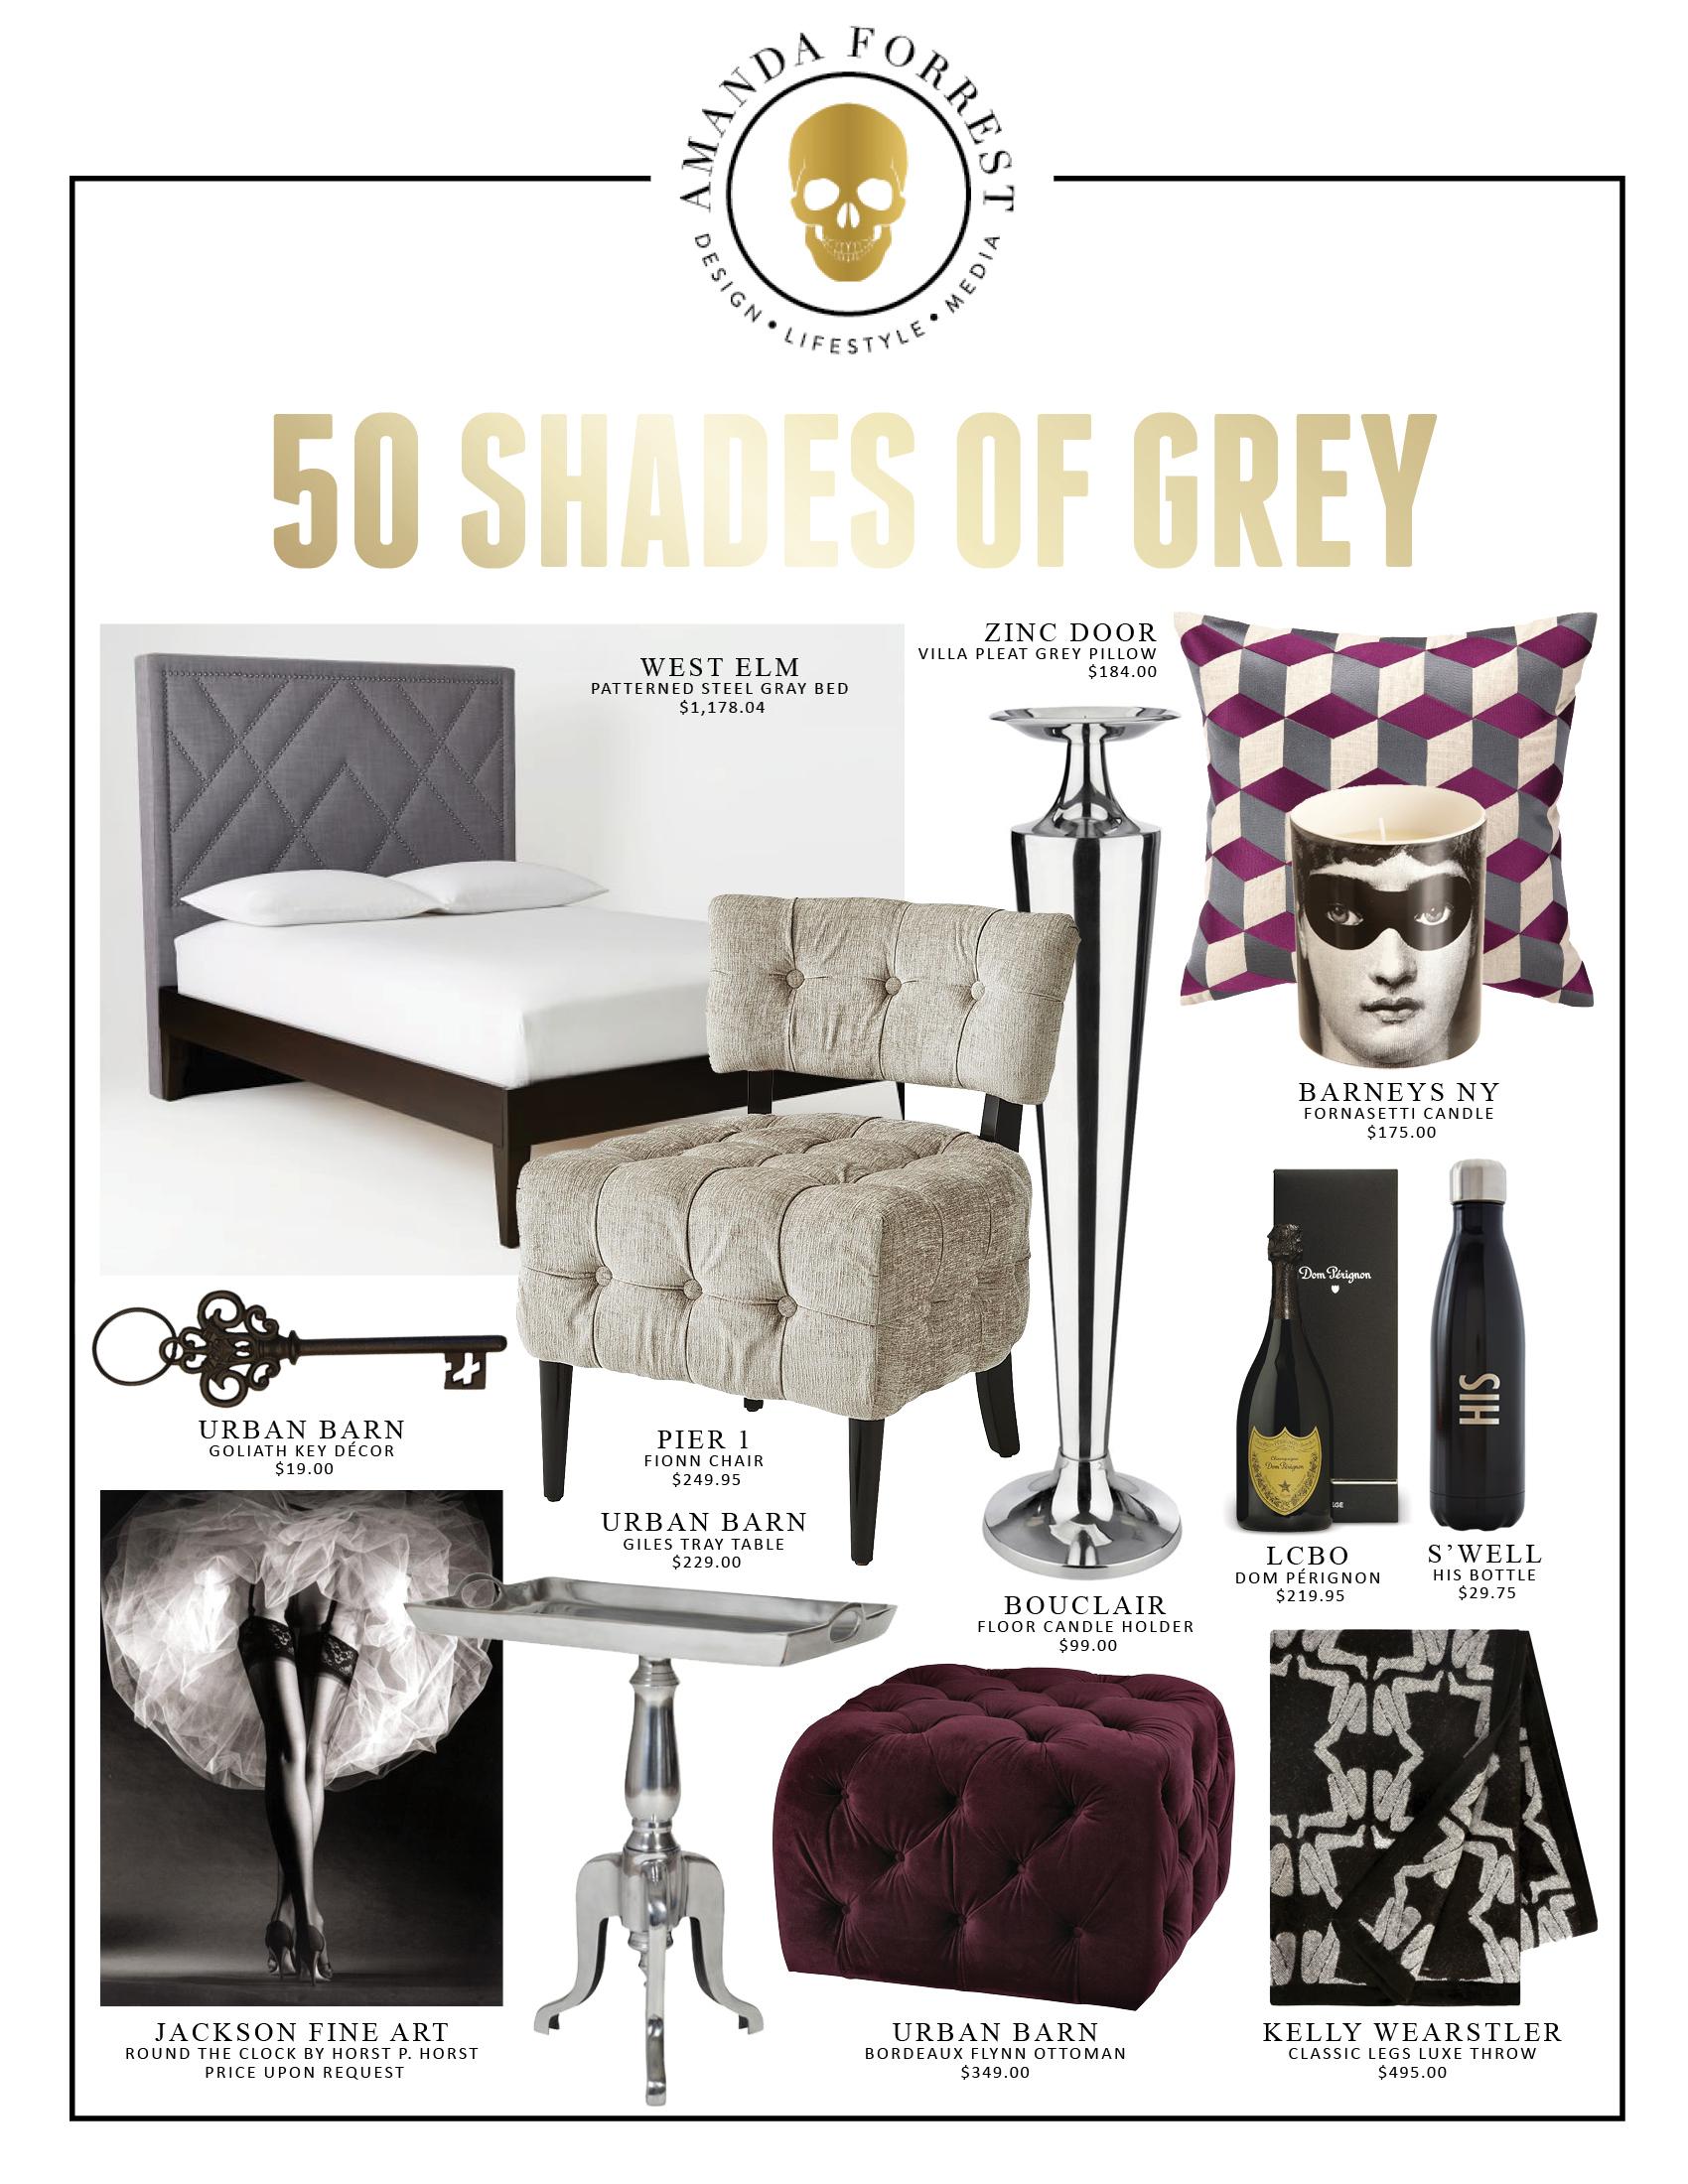 50 shades of grey - blog